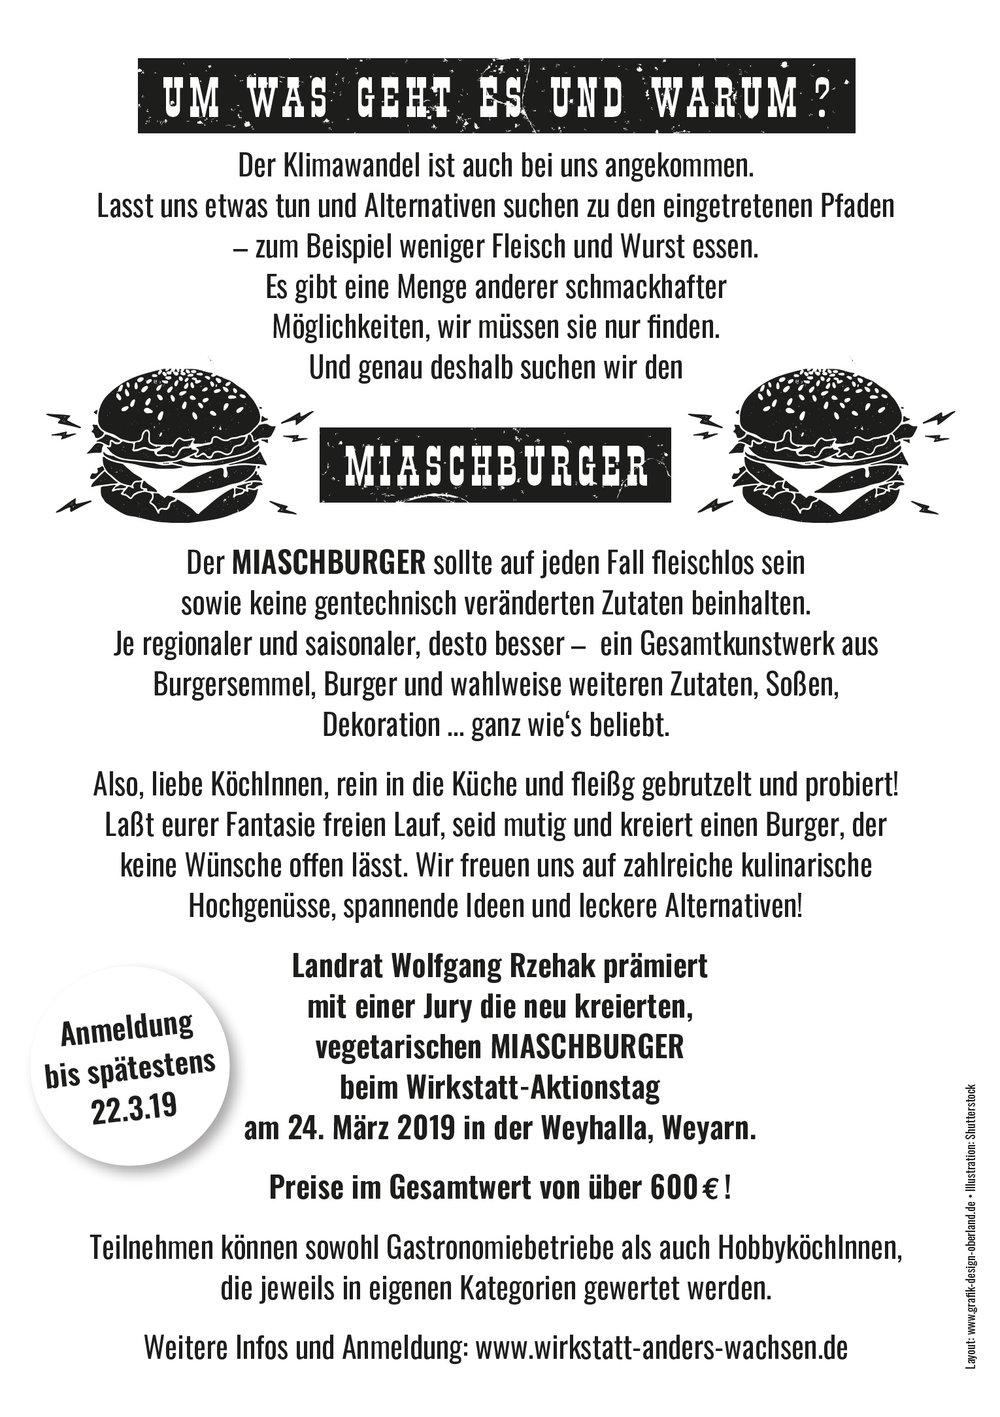 Miaschburger_2.jpg